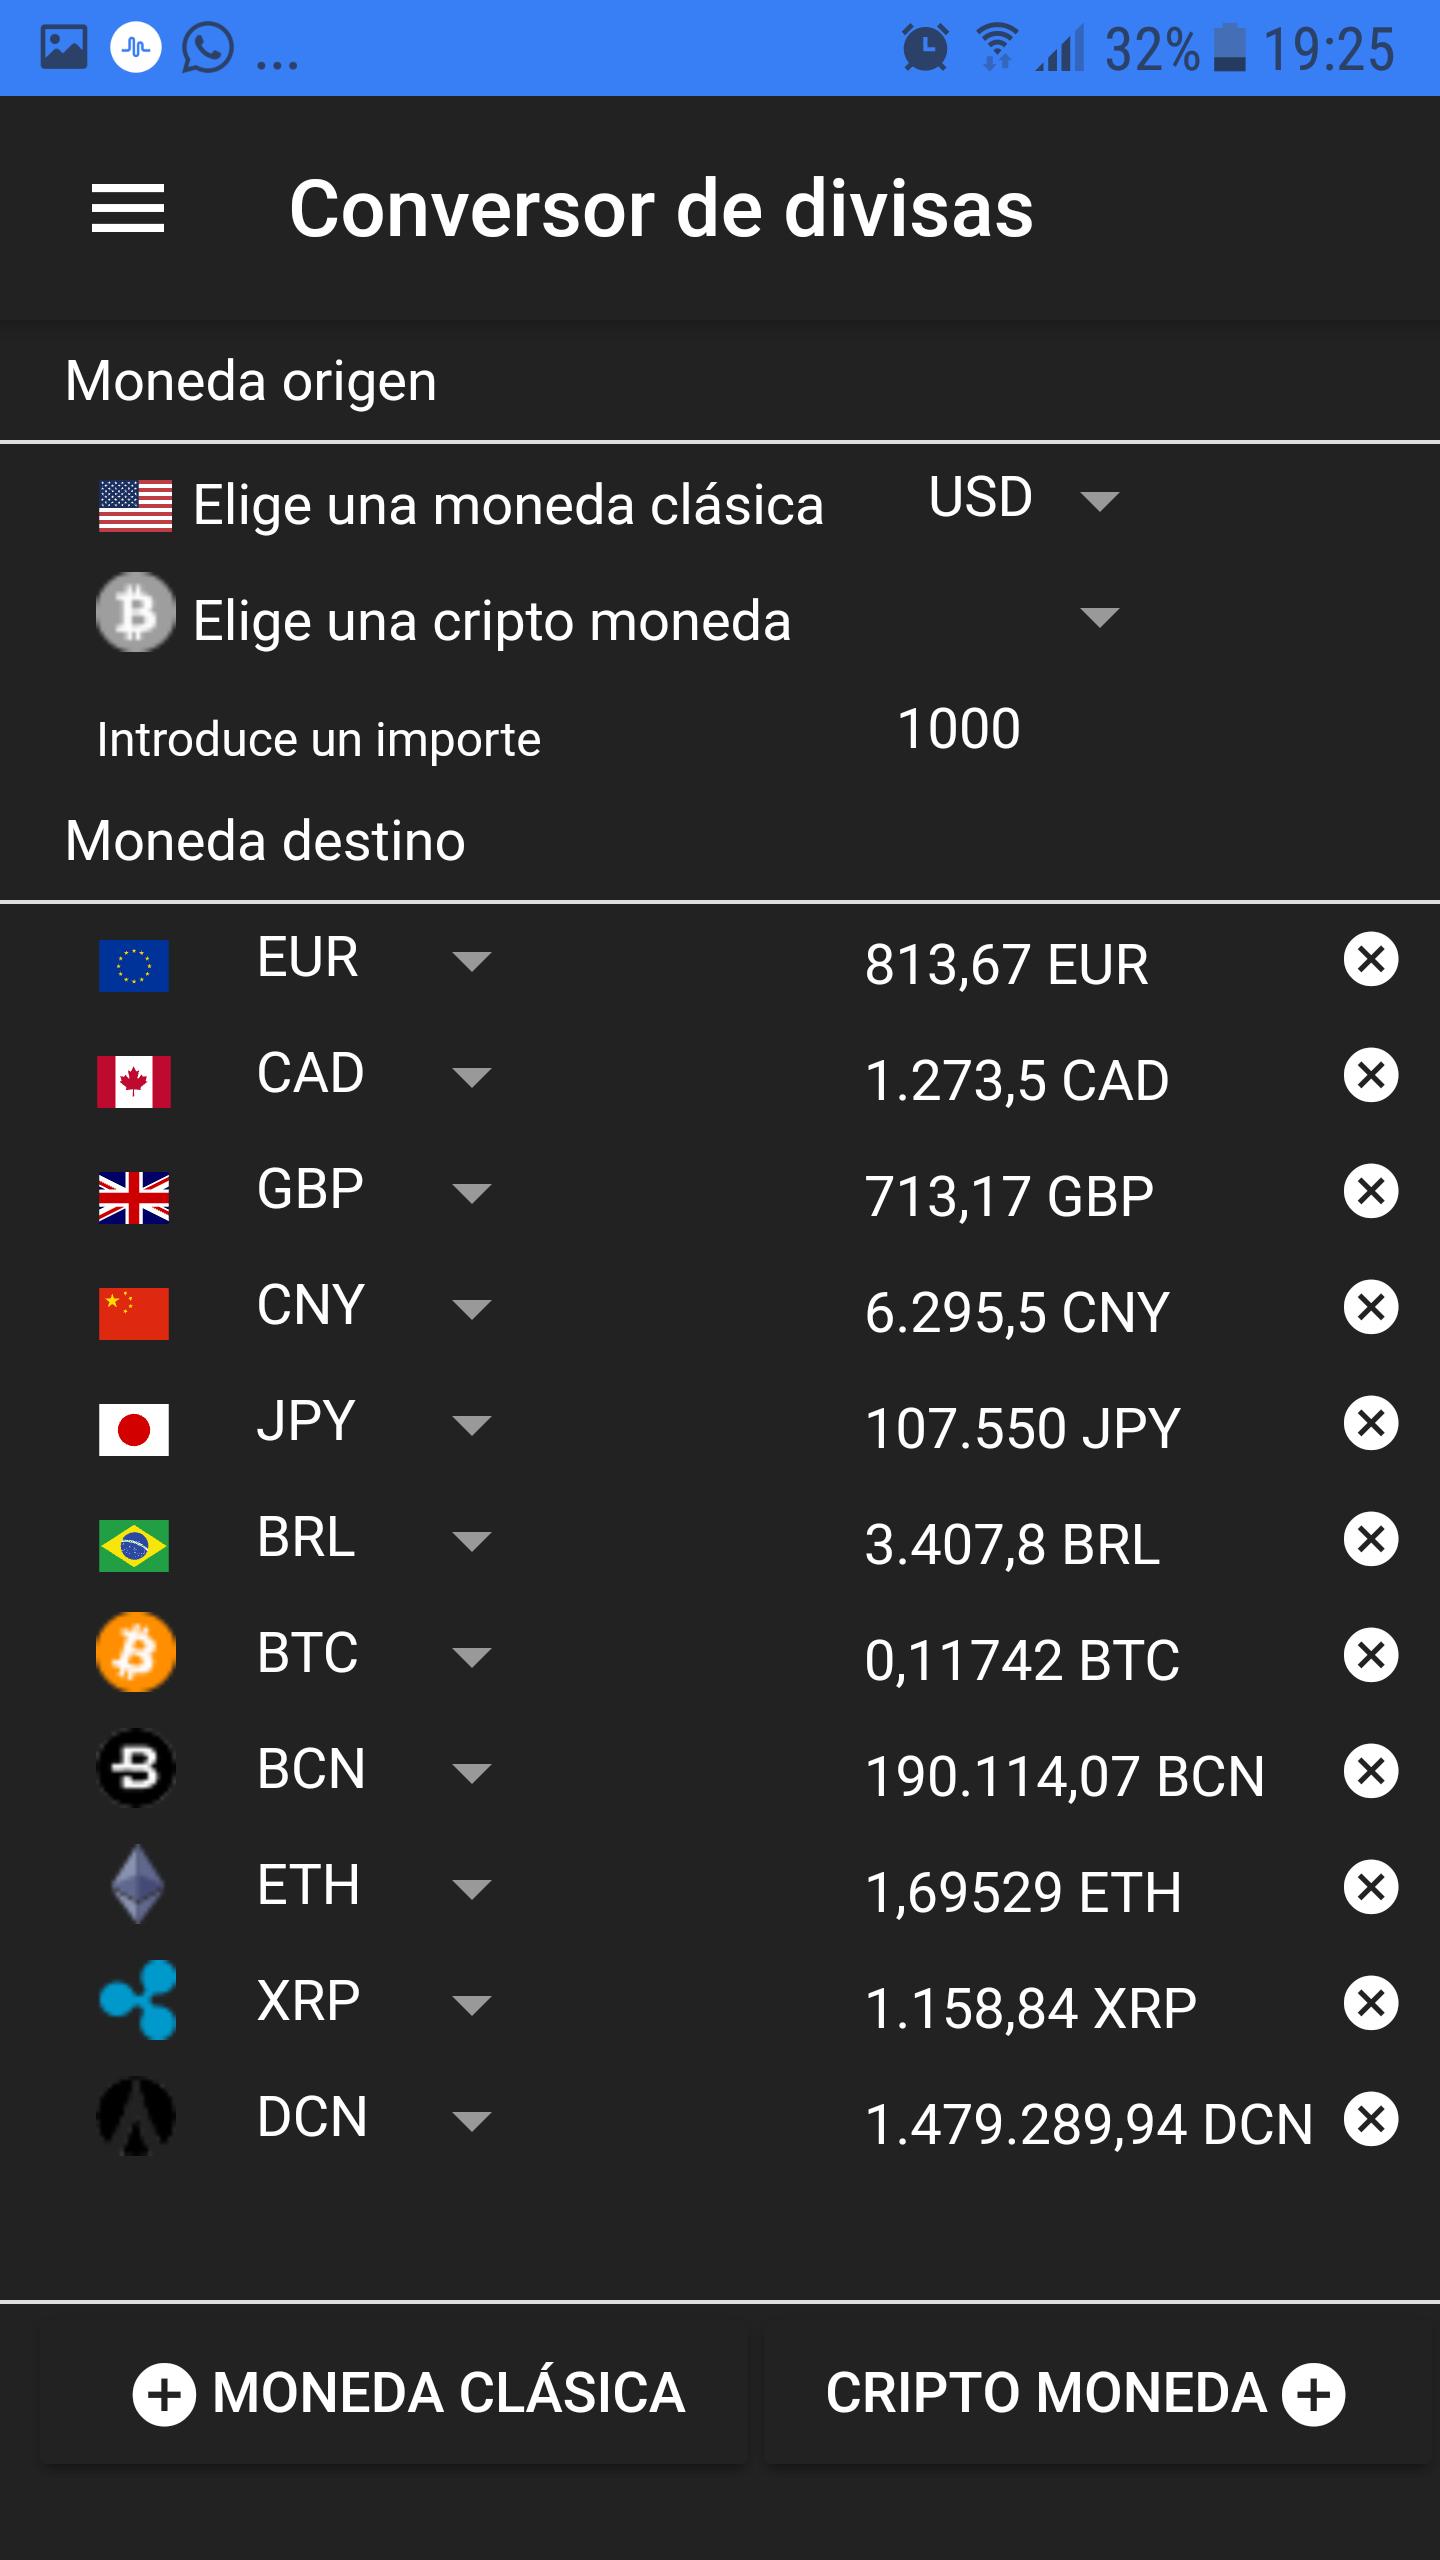 Conversor de monedas - Conversión de 1.000 dólares a seis monedas clásicas y a cinco cripto monedas, simultáneamente.